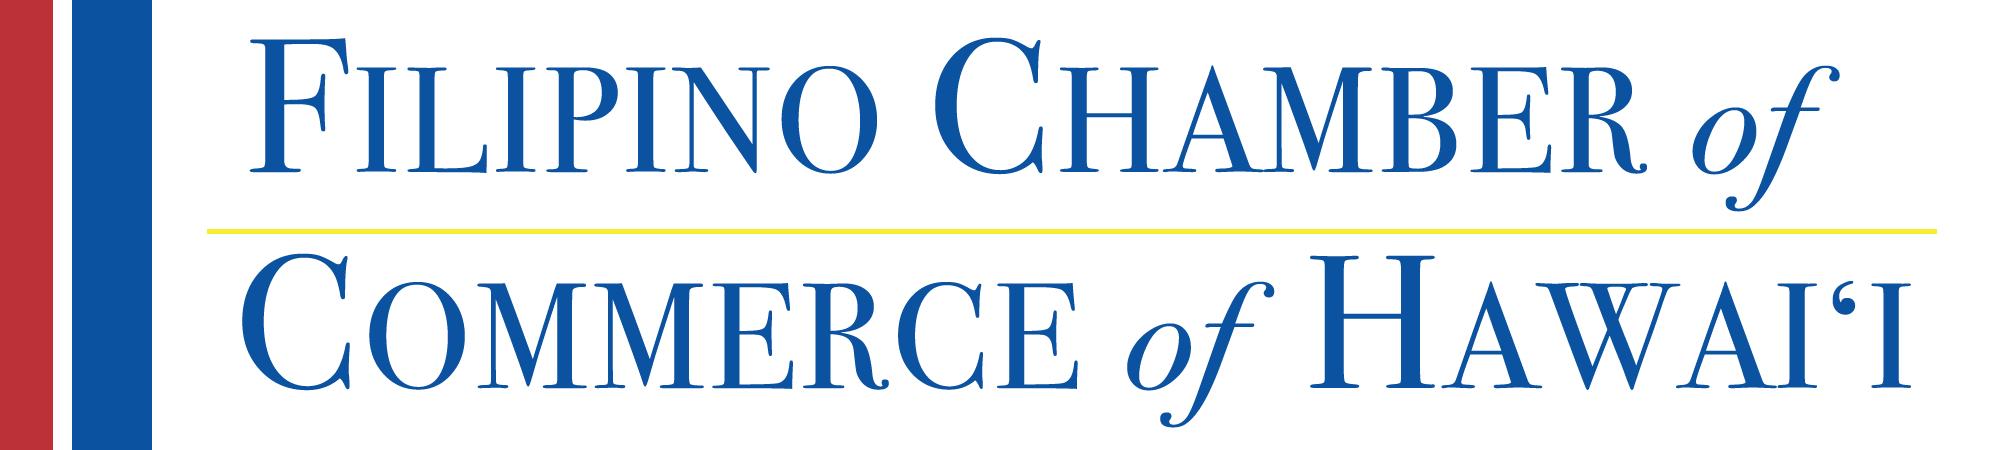 Filipino Chamber of Commerce of Hawaii